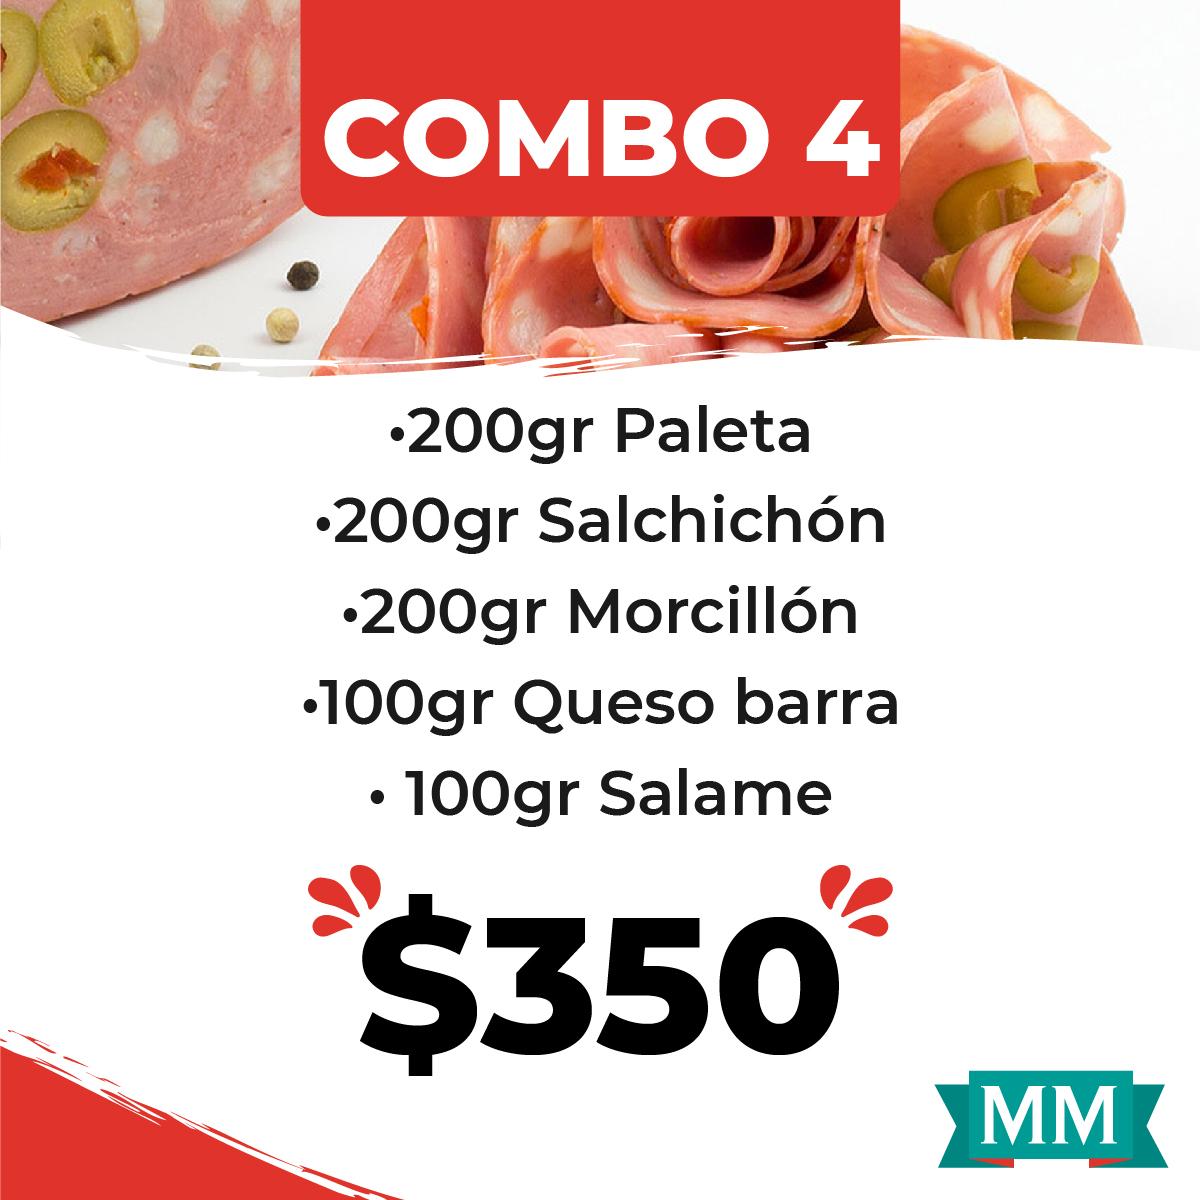 placas combos MM-04